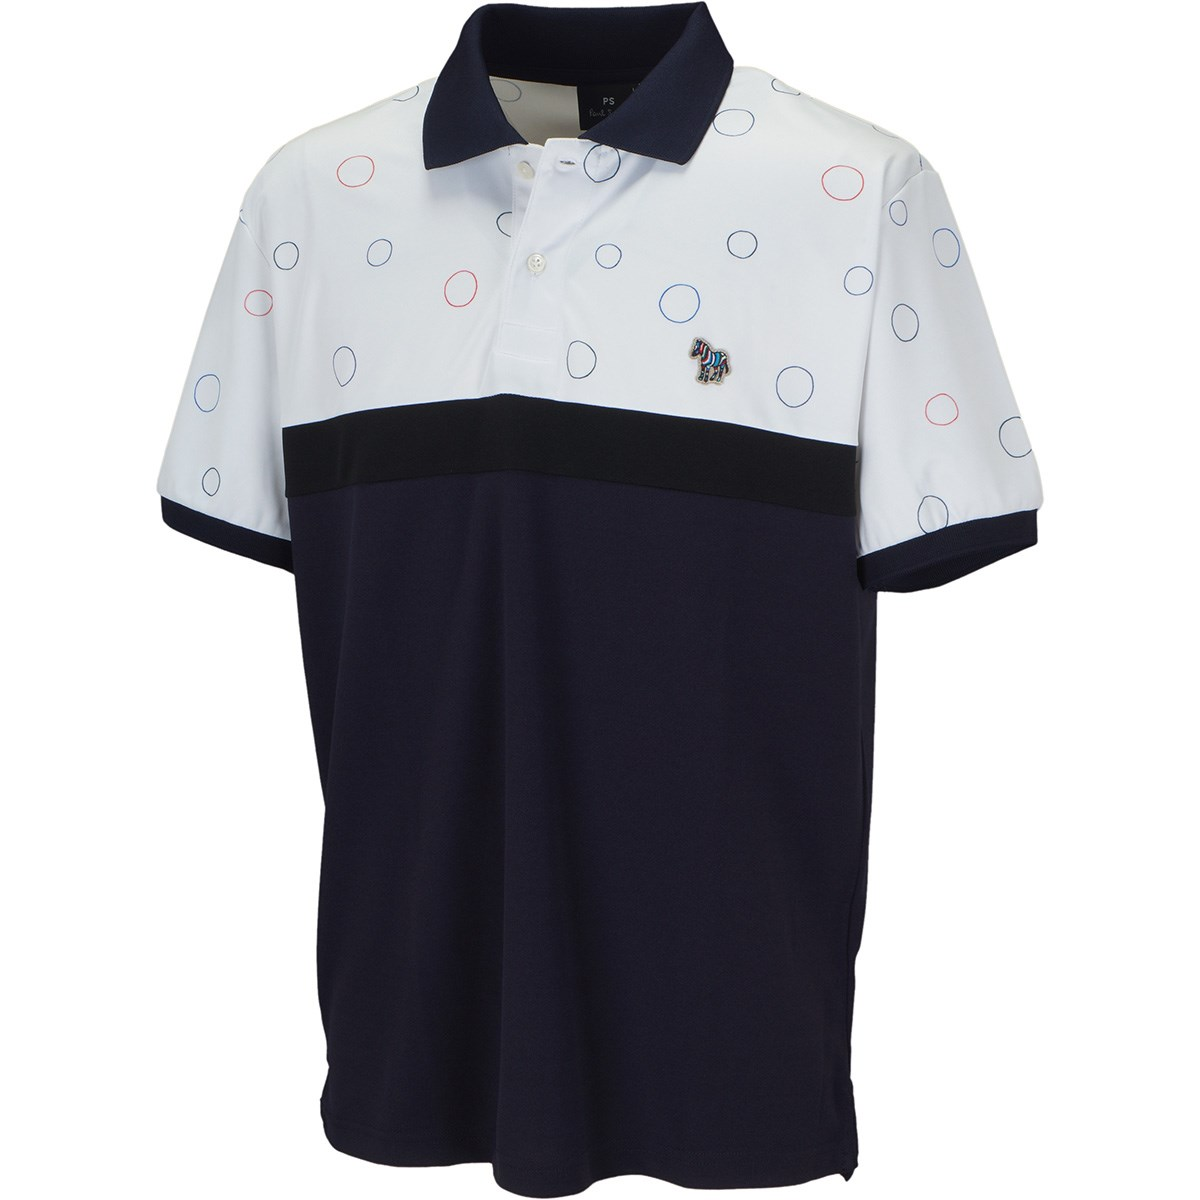 PS ポール・スミス ゼブラワッペン カラーブロック 半袖ポロシャツ